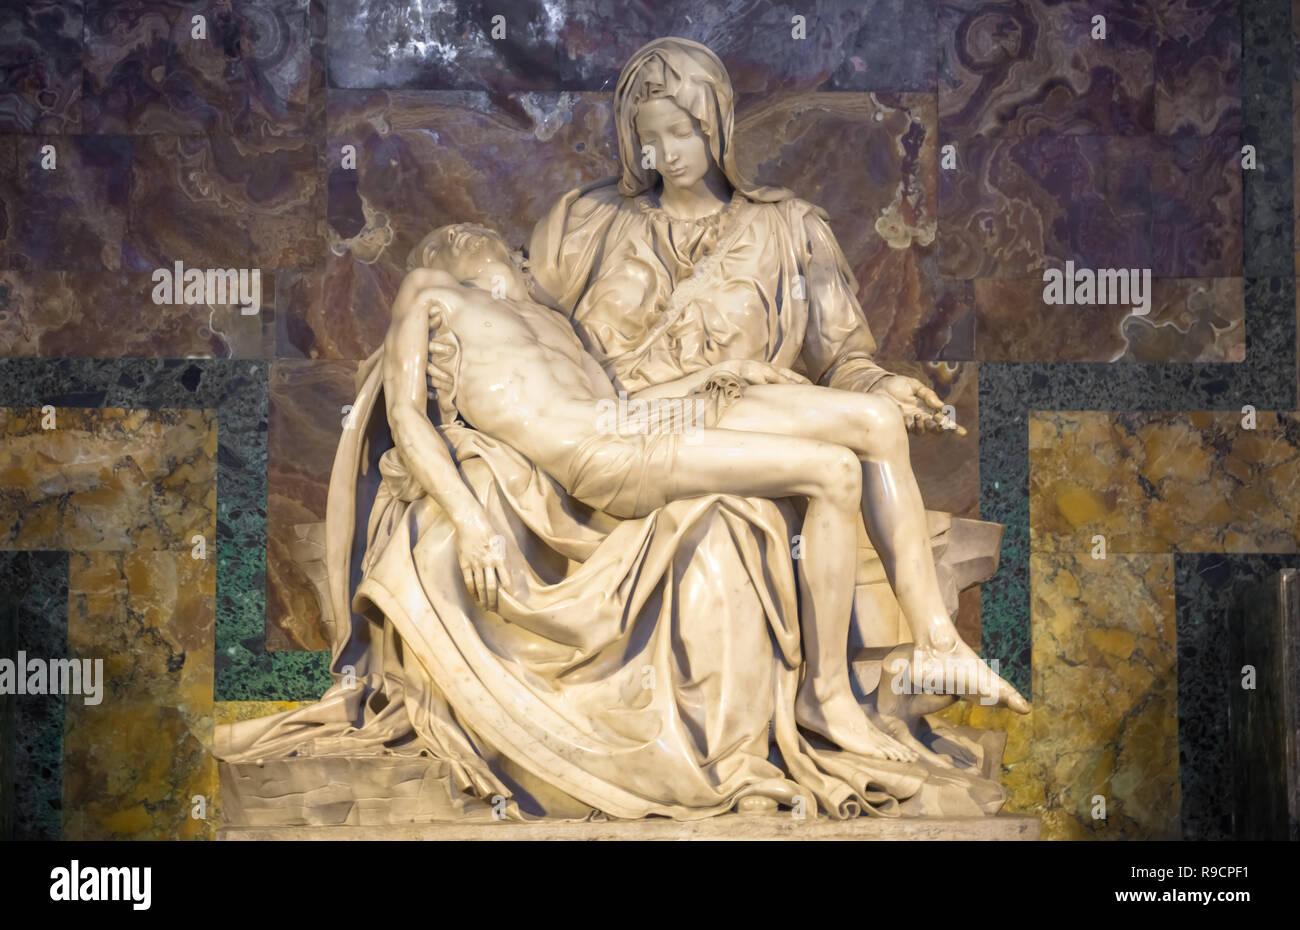 Roma, CIUDAD DEL VATICANO - Agosto 28, 2018: La Pietà di Michelangelo (la pena), 1498-1499, ubicado en la Basílica de San Pedro en Roma Imagen De Stock